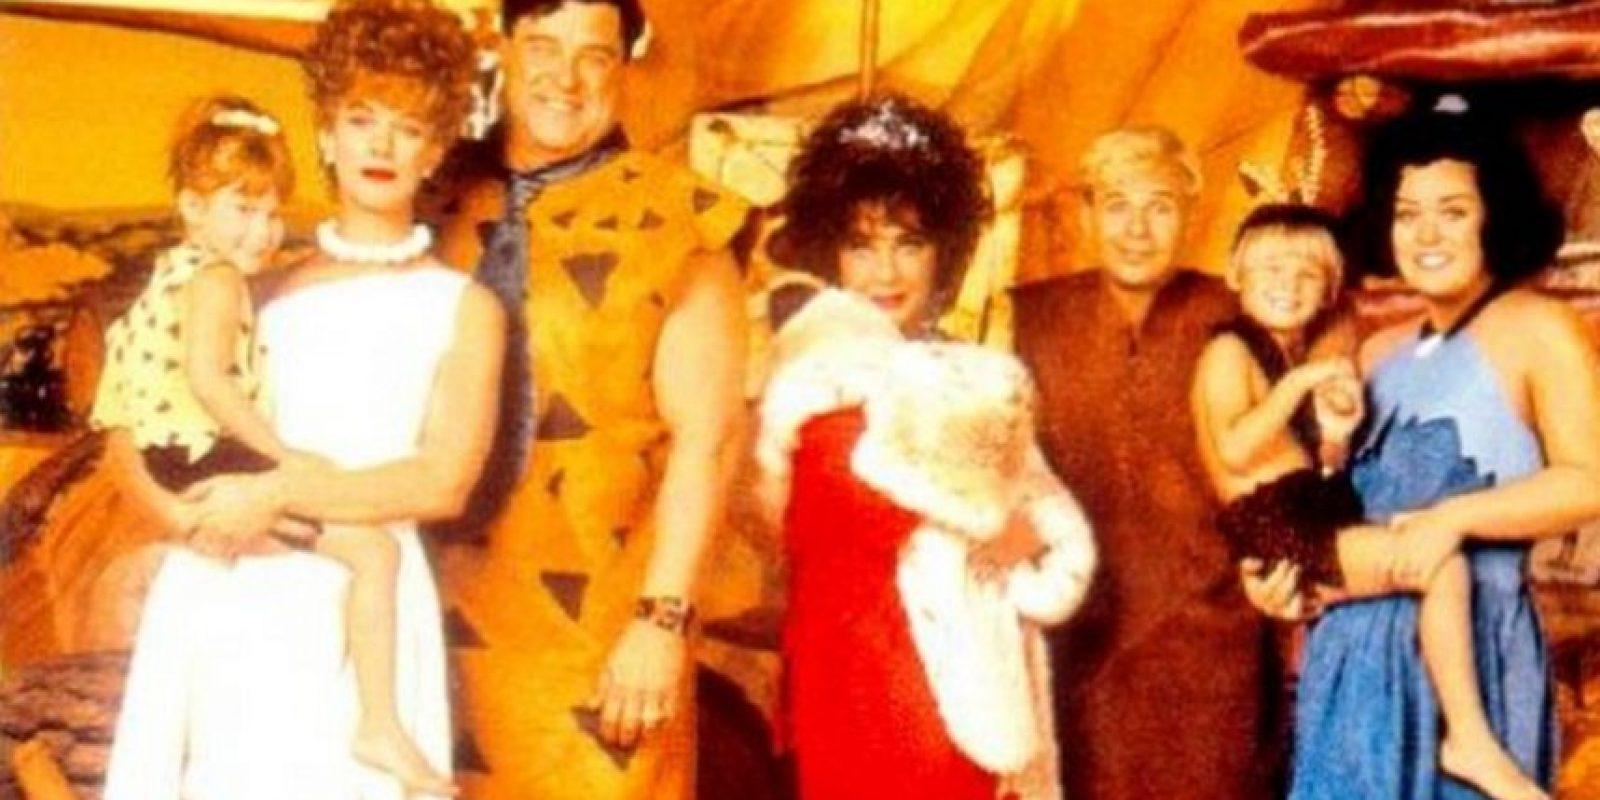 La cinta fue estrenada en 1994 Foto:Universal